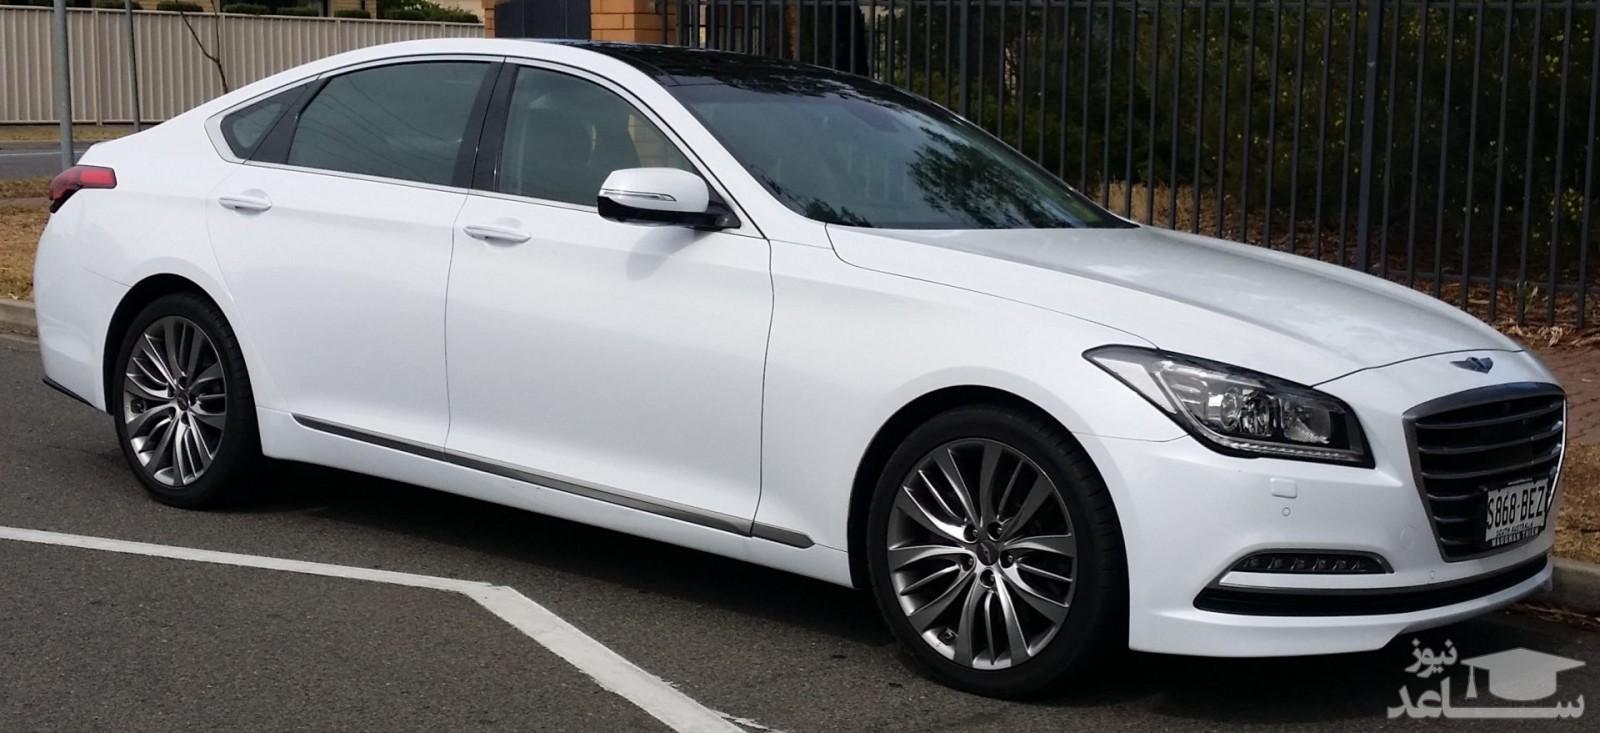 مشخصات فنی و امکانات خودروی هیوندای جنسیس